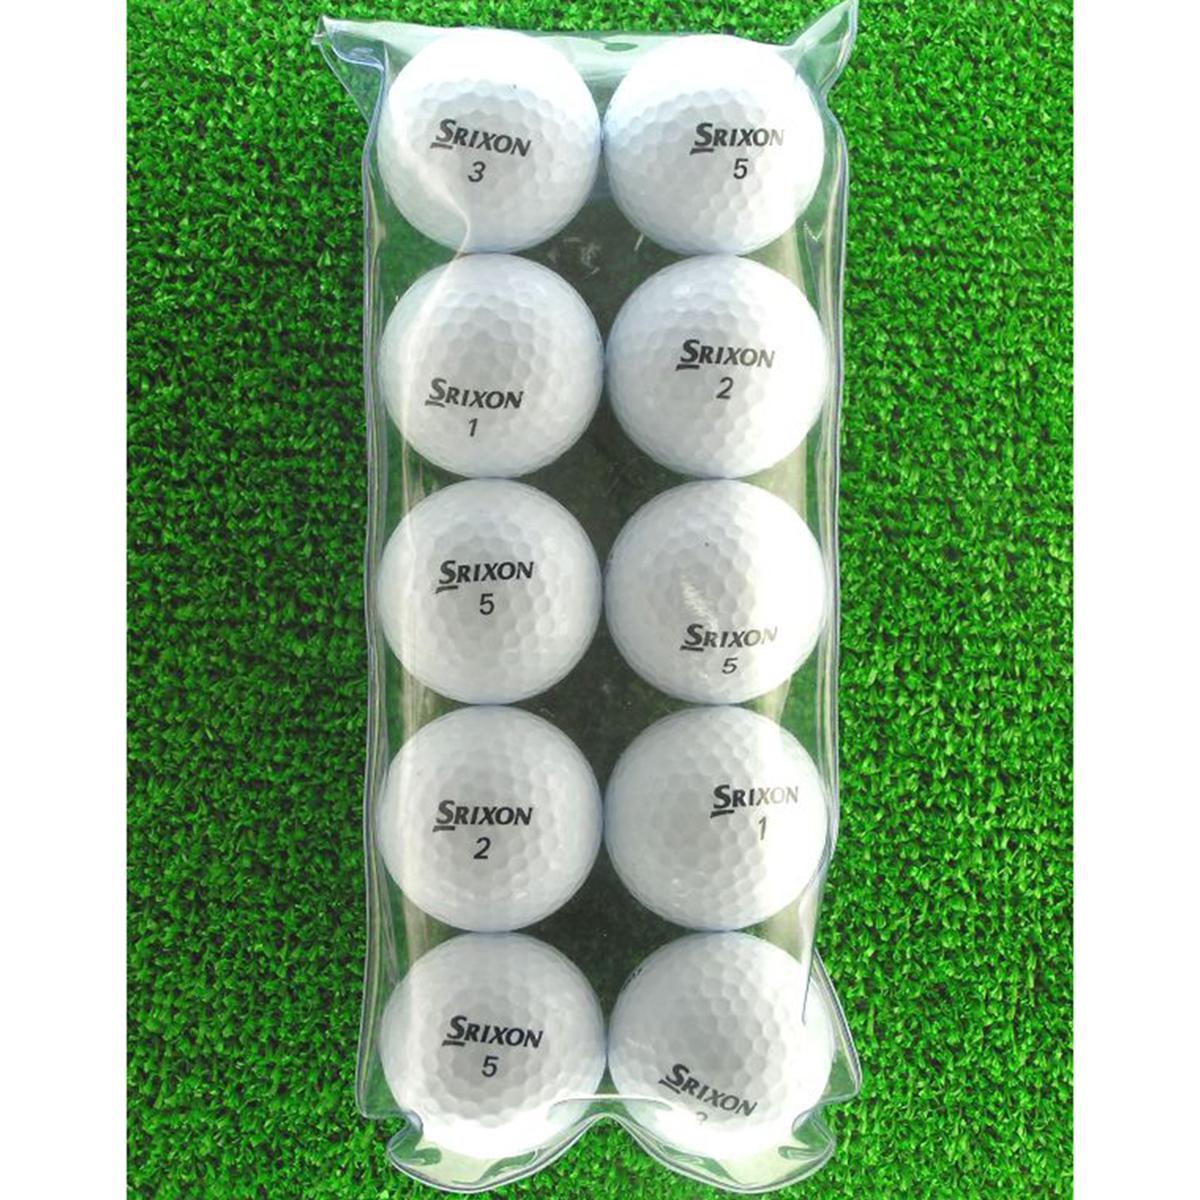 メイホウゴルフ ロストボール スリクソン DISTANCE ホワイト 10個入り5パック50個セット